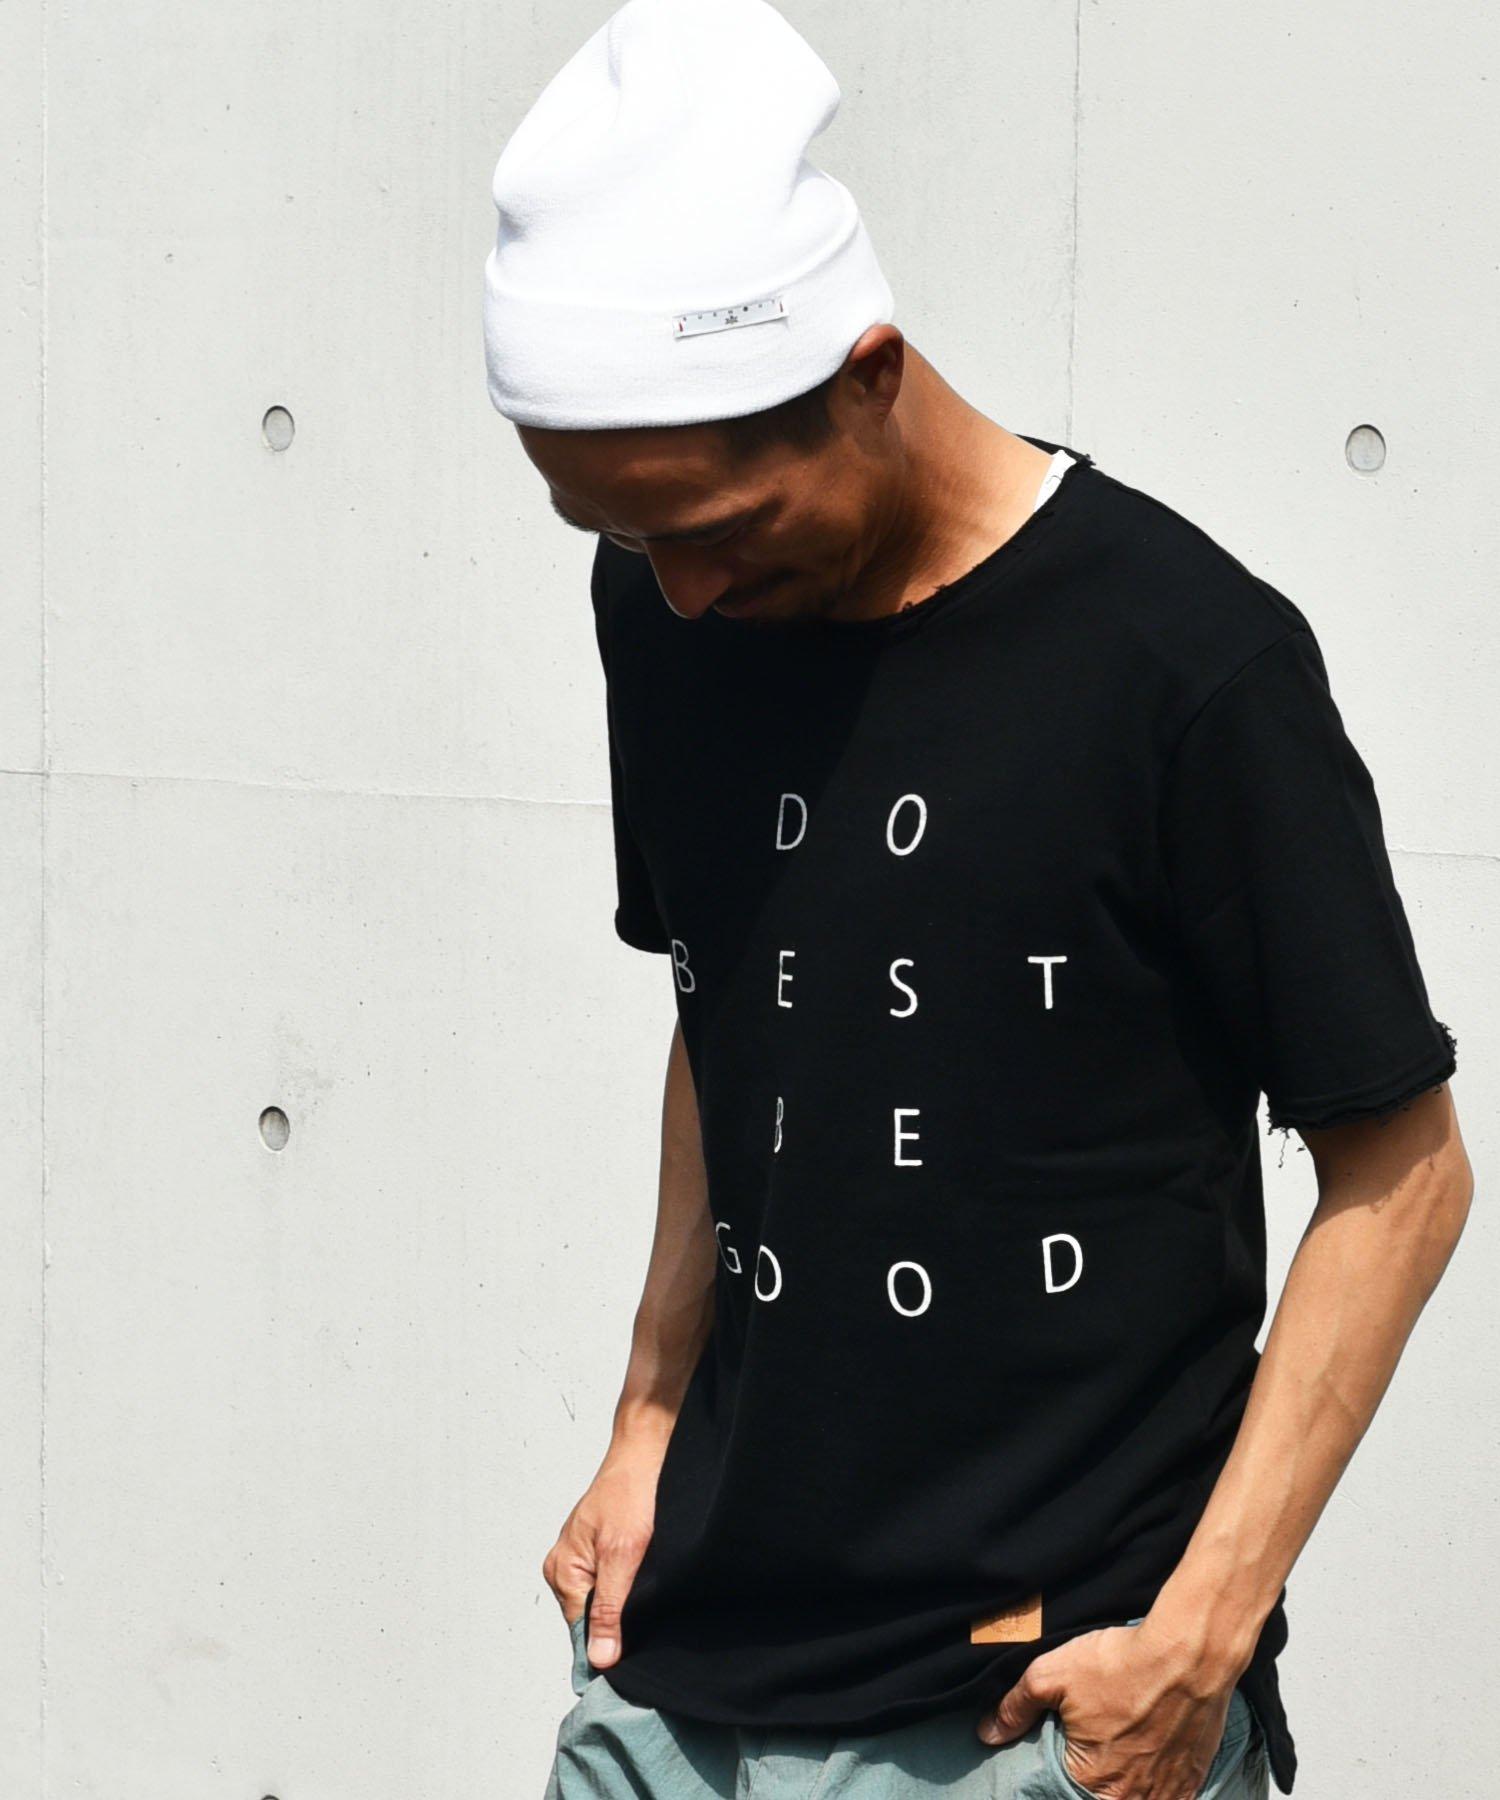 BURNOUT(バーンアウト )【DO BE】ショートスリーブカットソー / ブラック